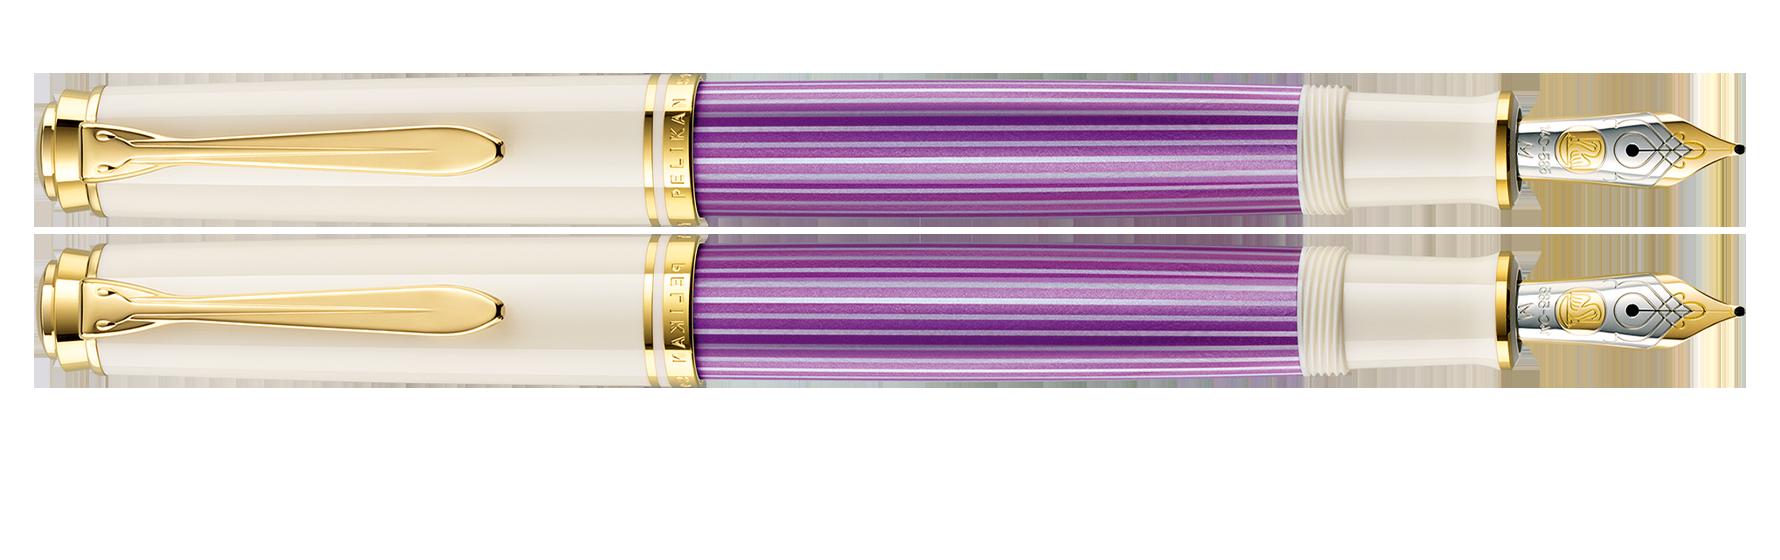 Pelikan Souveran M600 Violet-White Fountain Pen